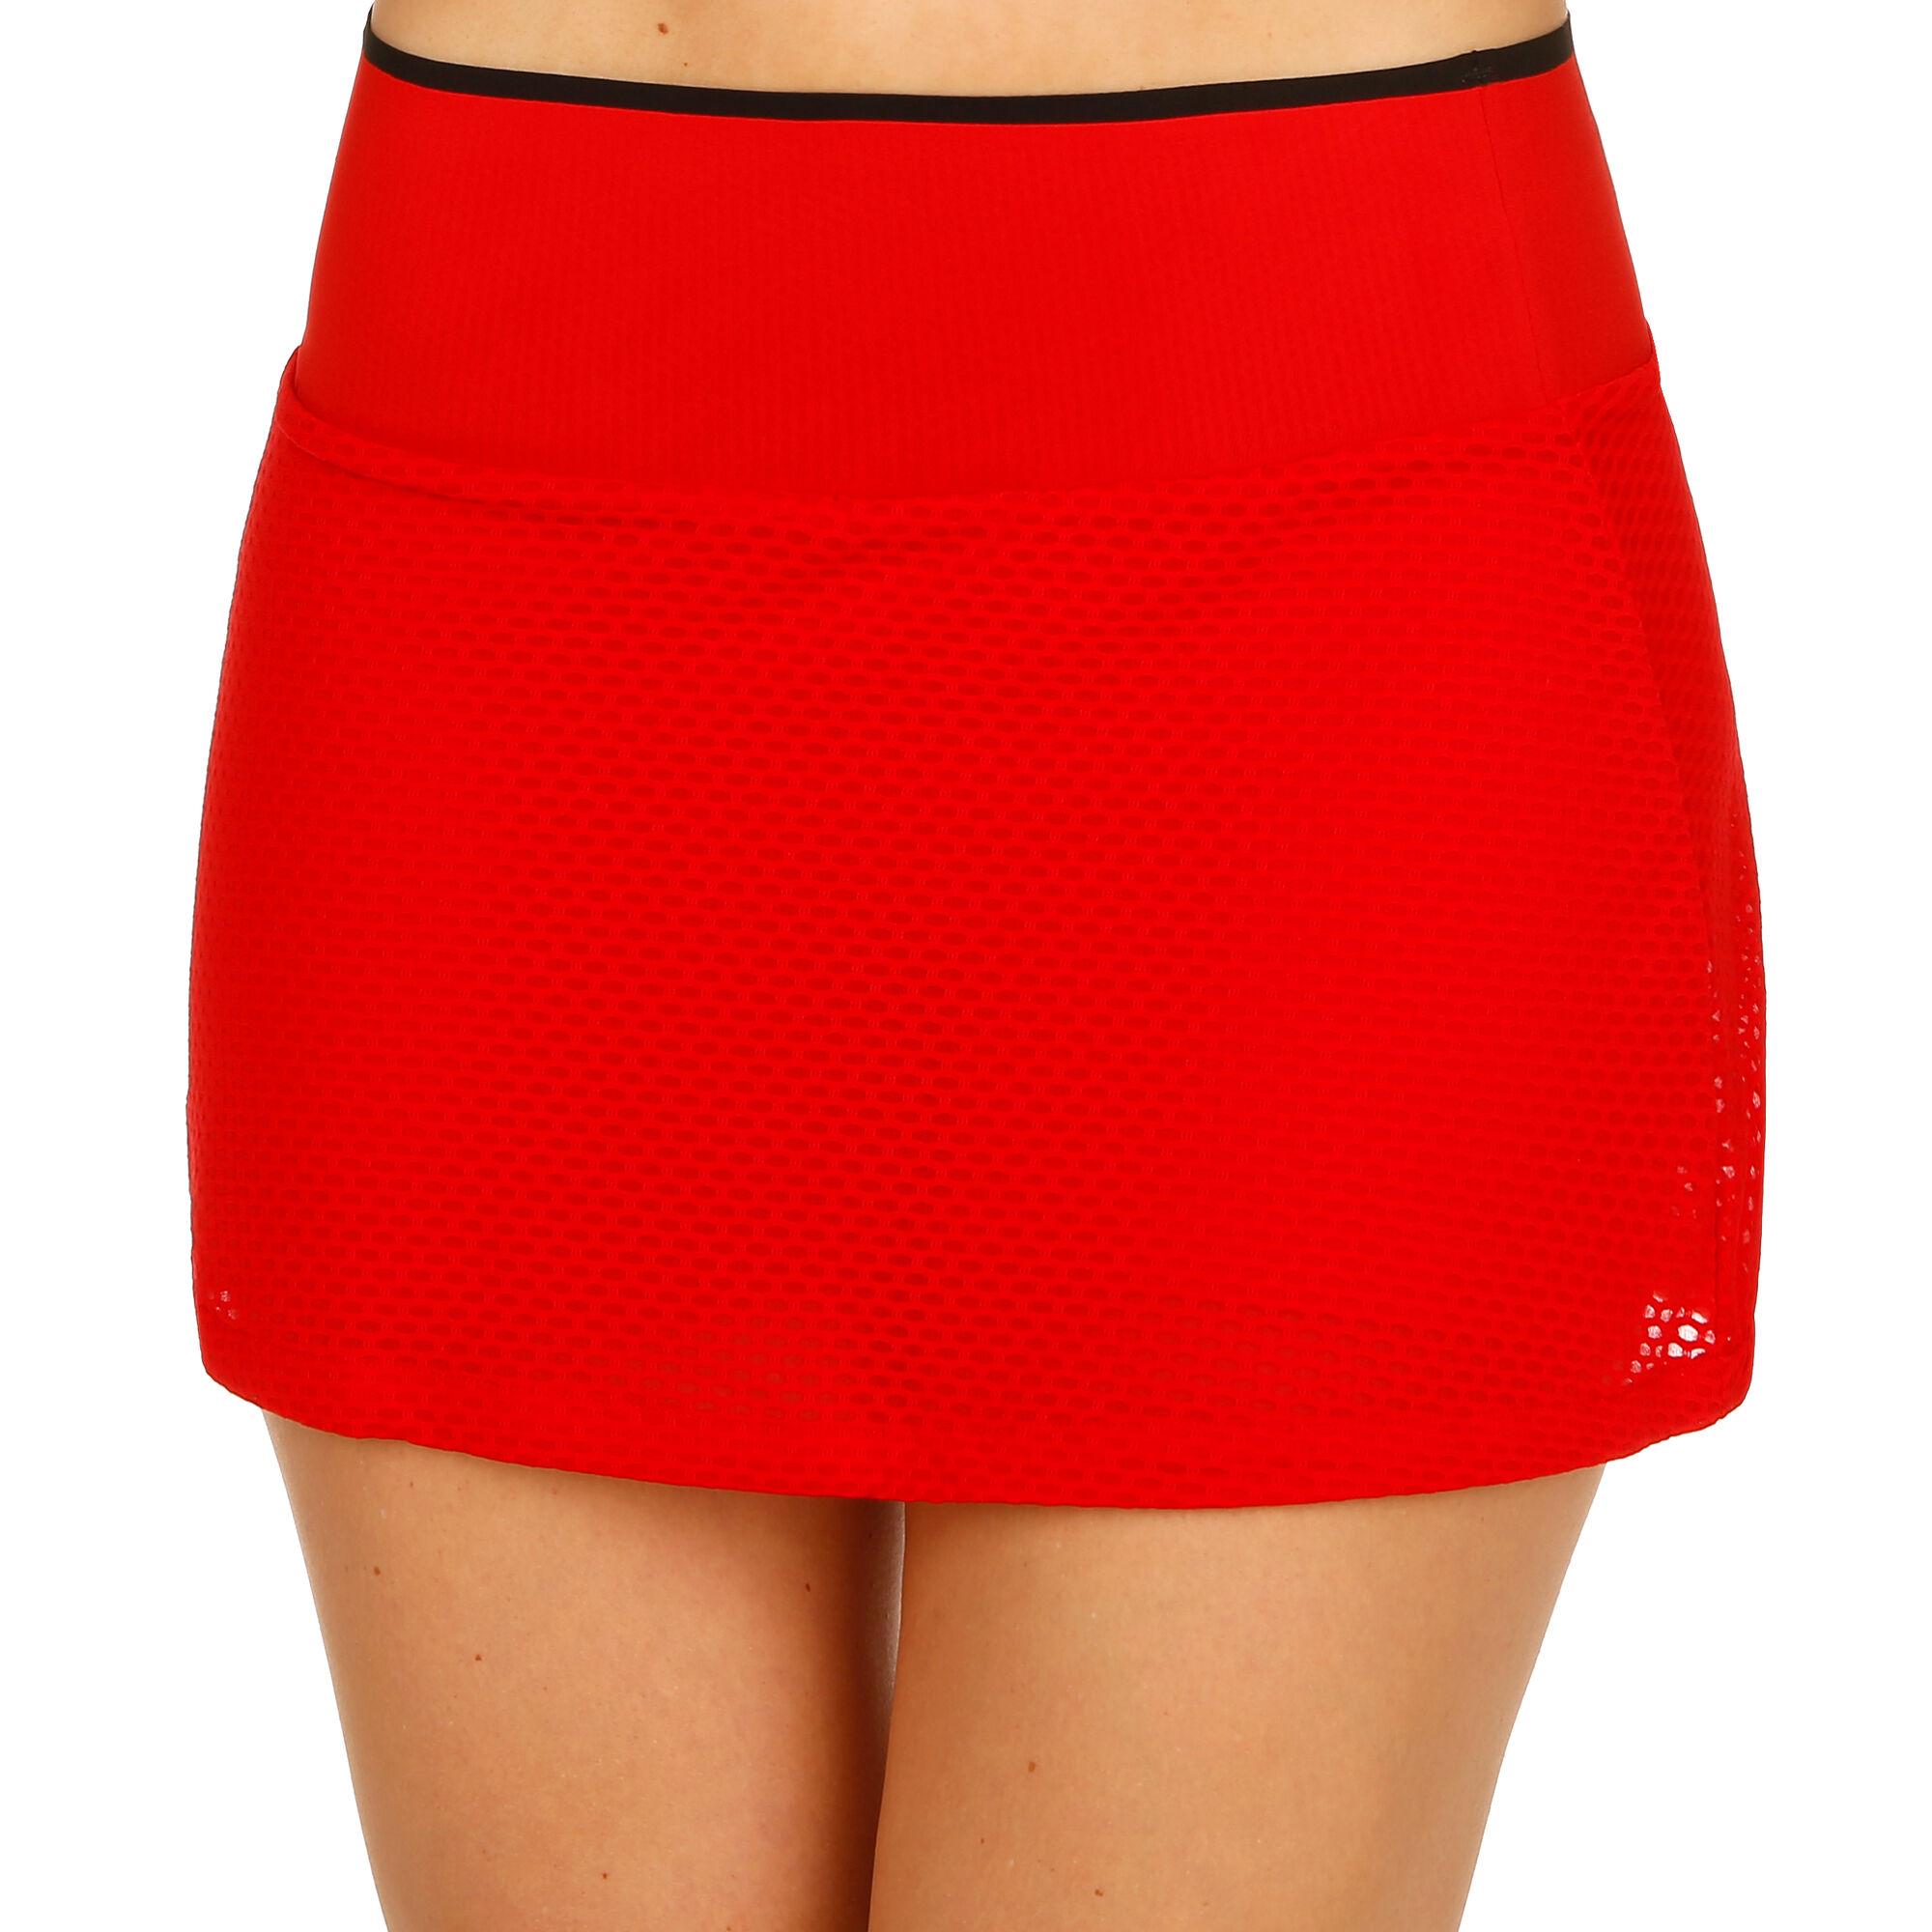 bab580211 adidas Barricade Falda Mujeres - Rojo, Negro compra online | Tennis ...